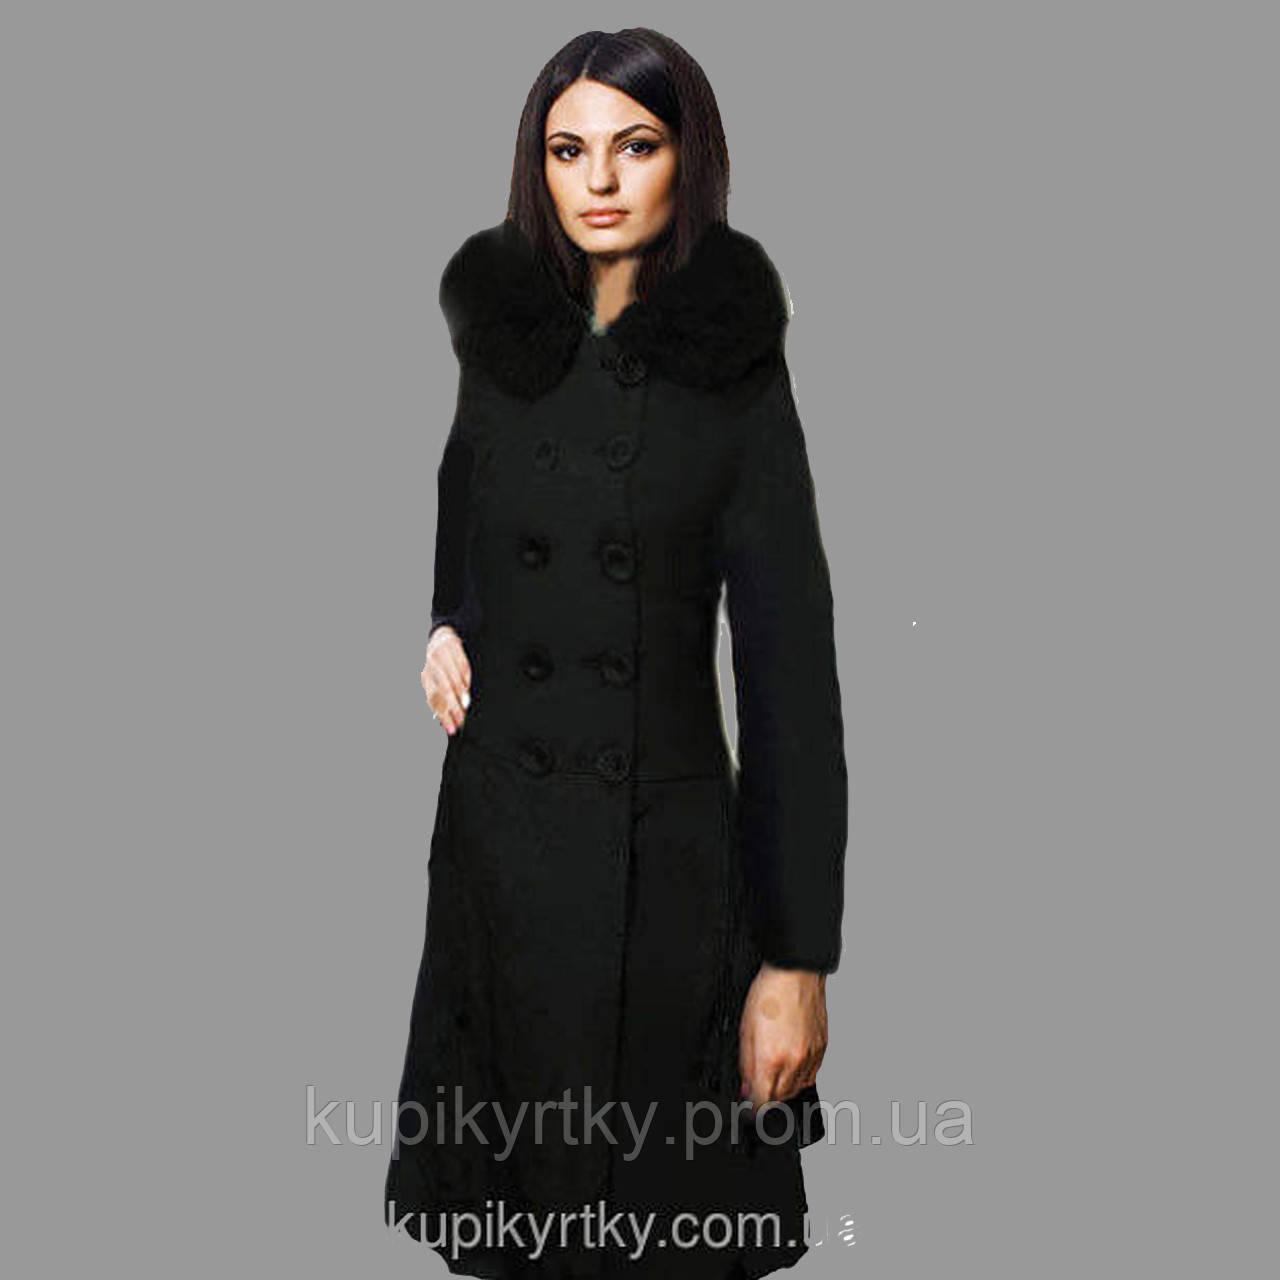 Пальто зима женское